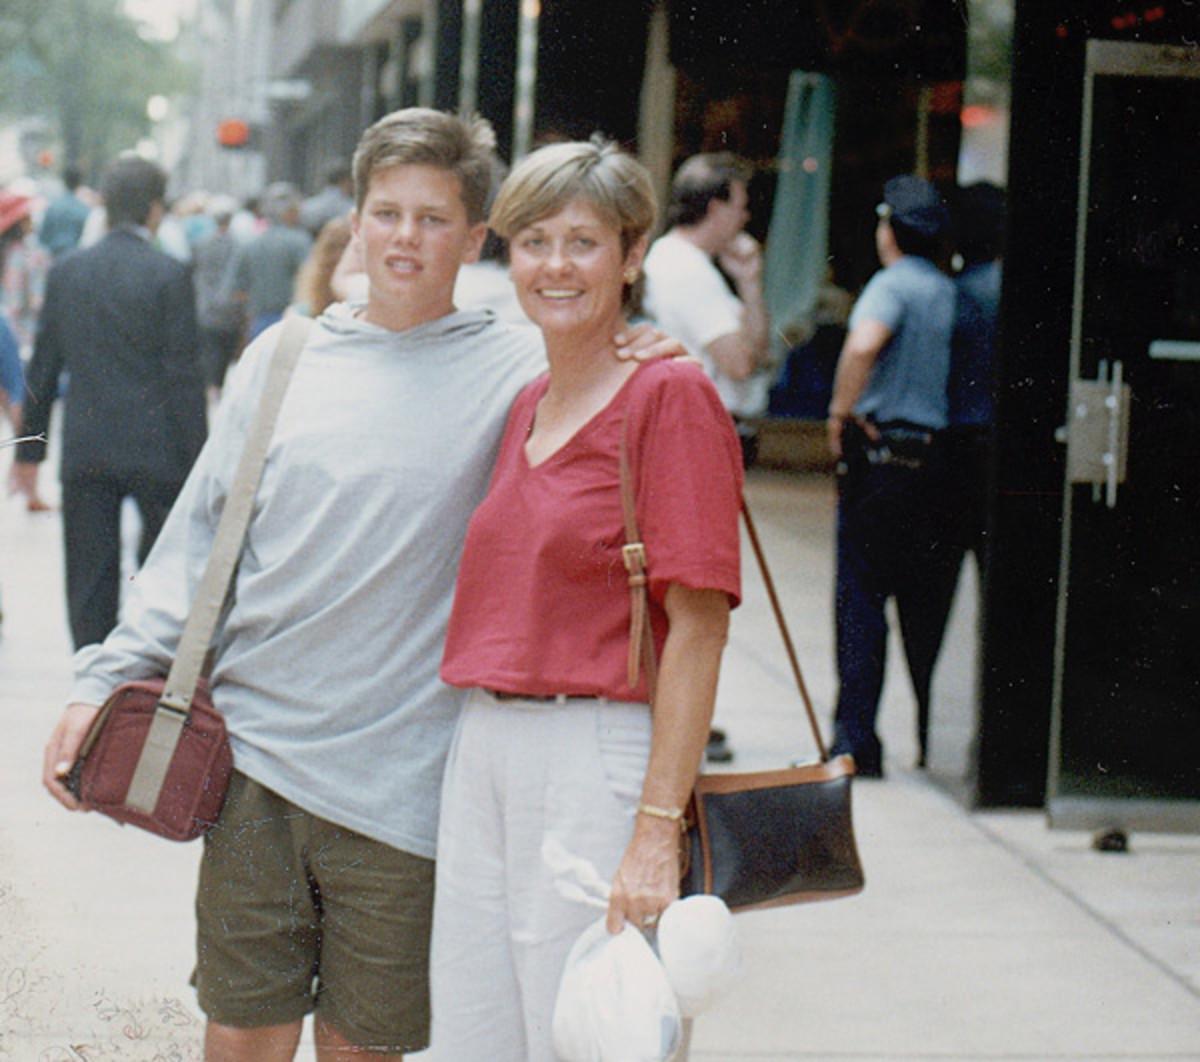 Tom and Galynn Brady :: Courtesy of the Brady family